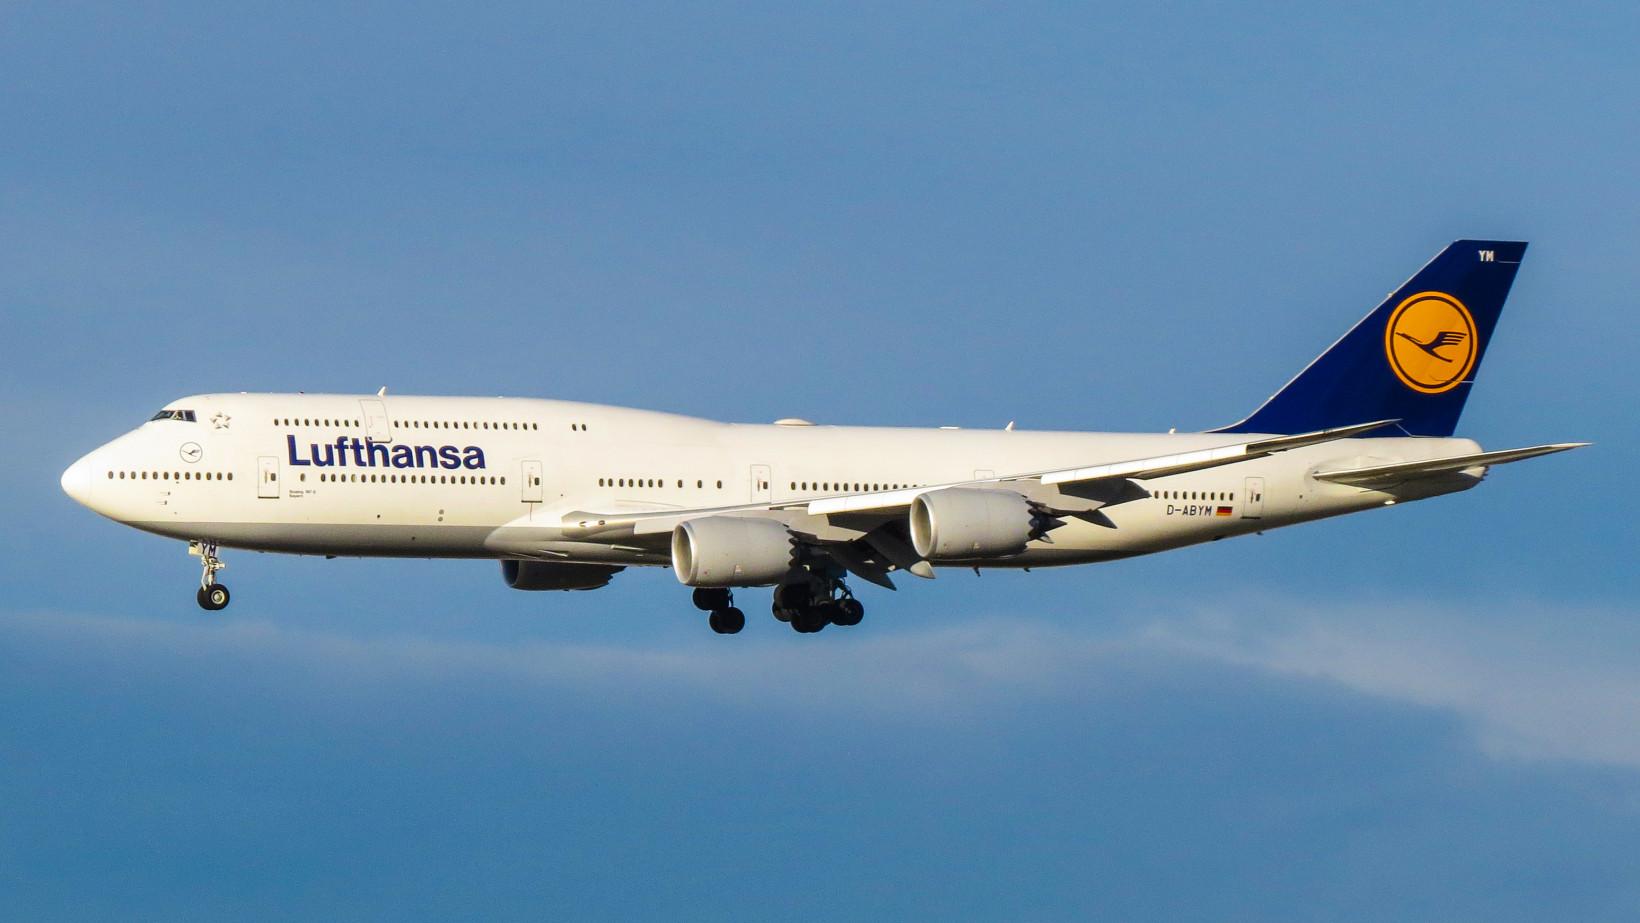 boeing, plane, 747, lufthansa